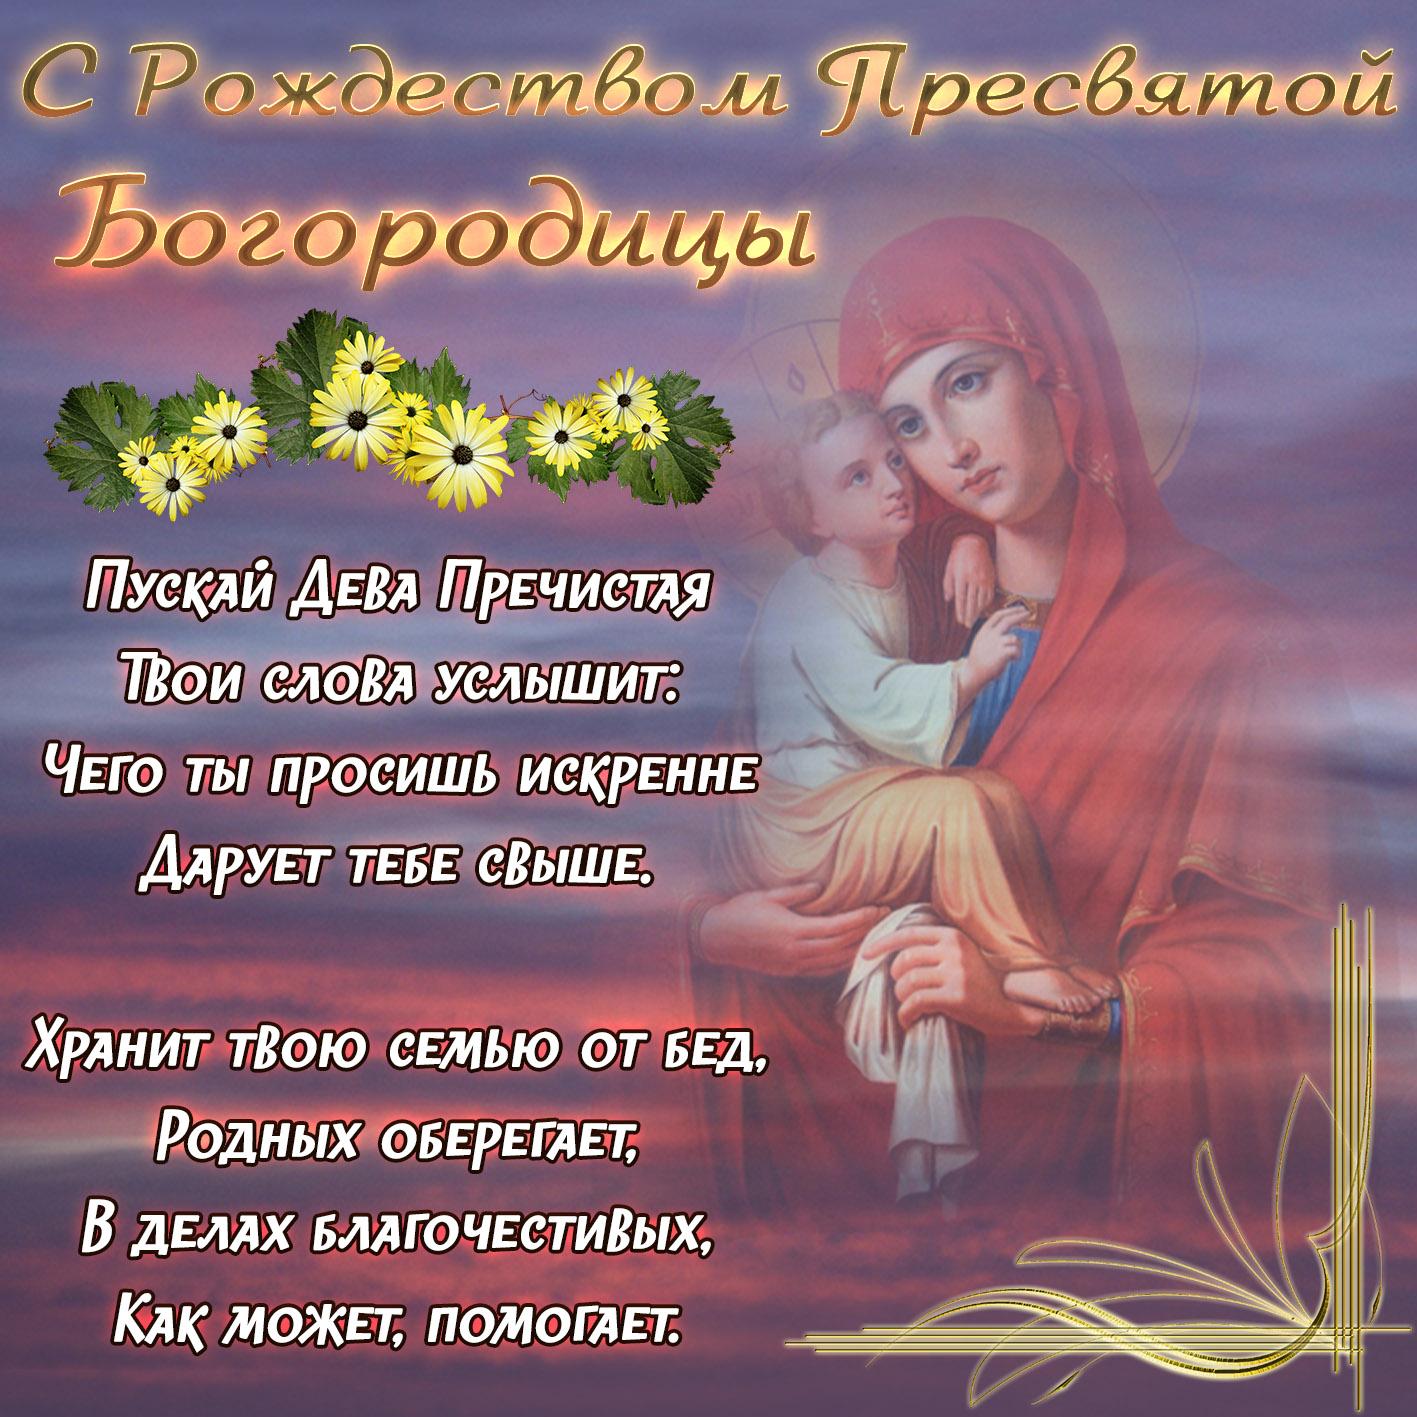 Праздник пресвятой богородицы стихи поздравления